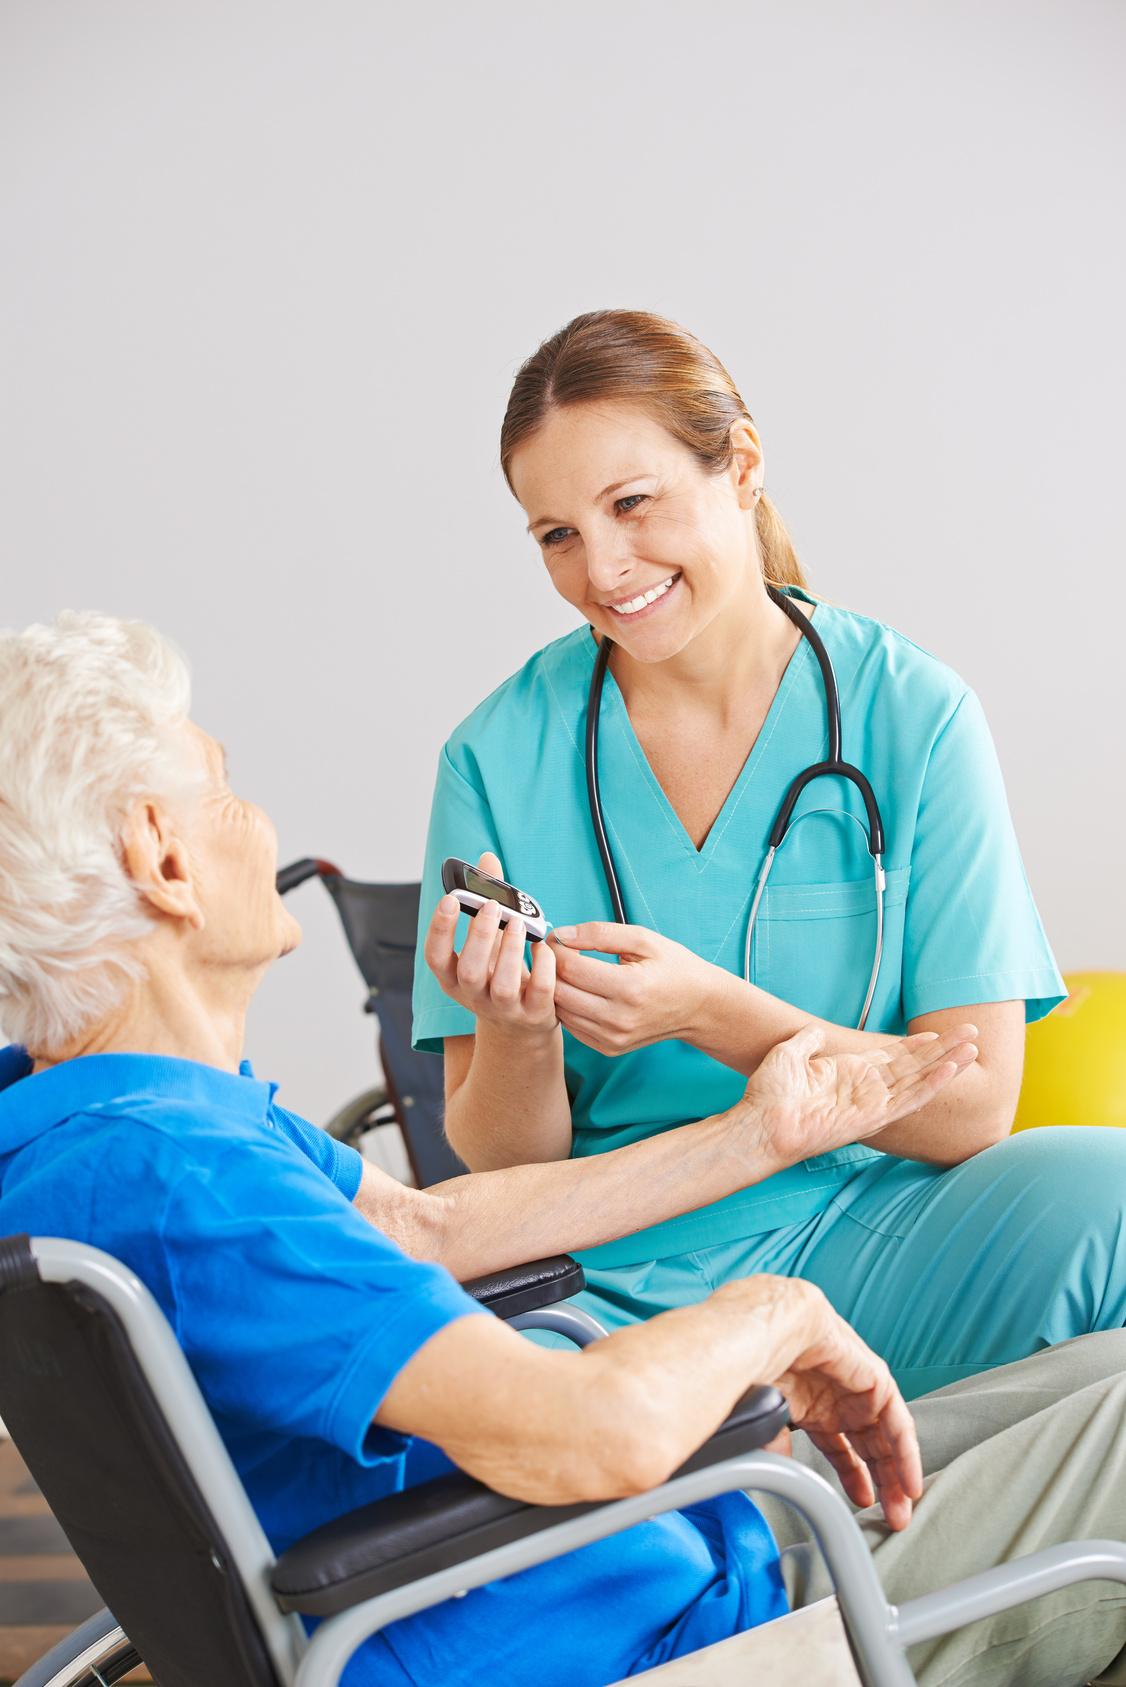 Risultati immagini per infermiere farmaci